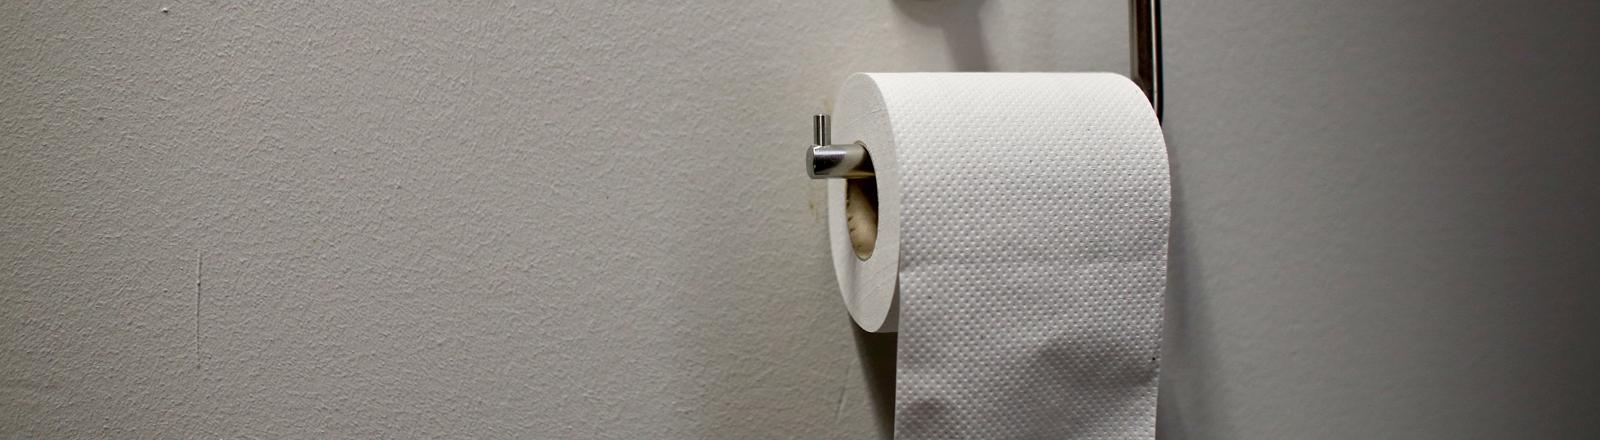 Toilettenpapier in einer Aufhängung